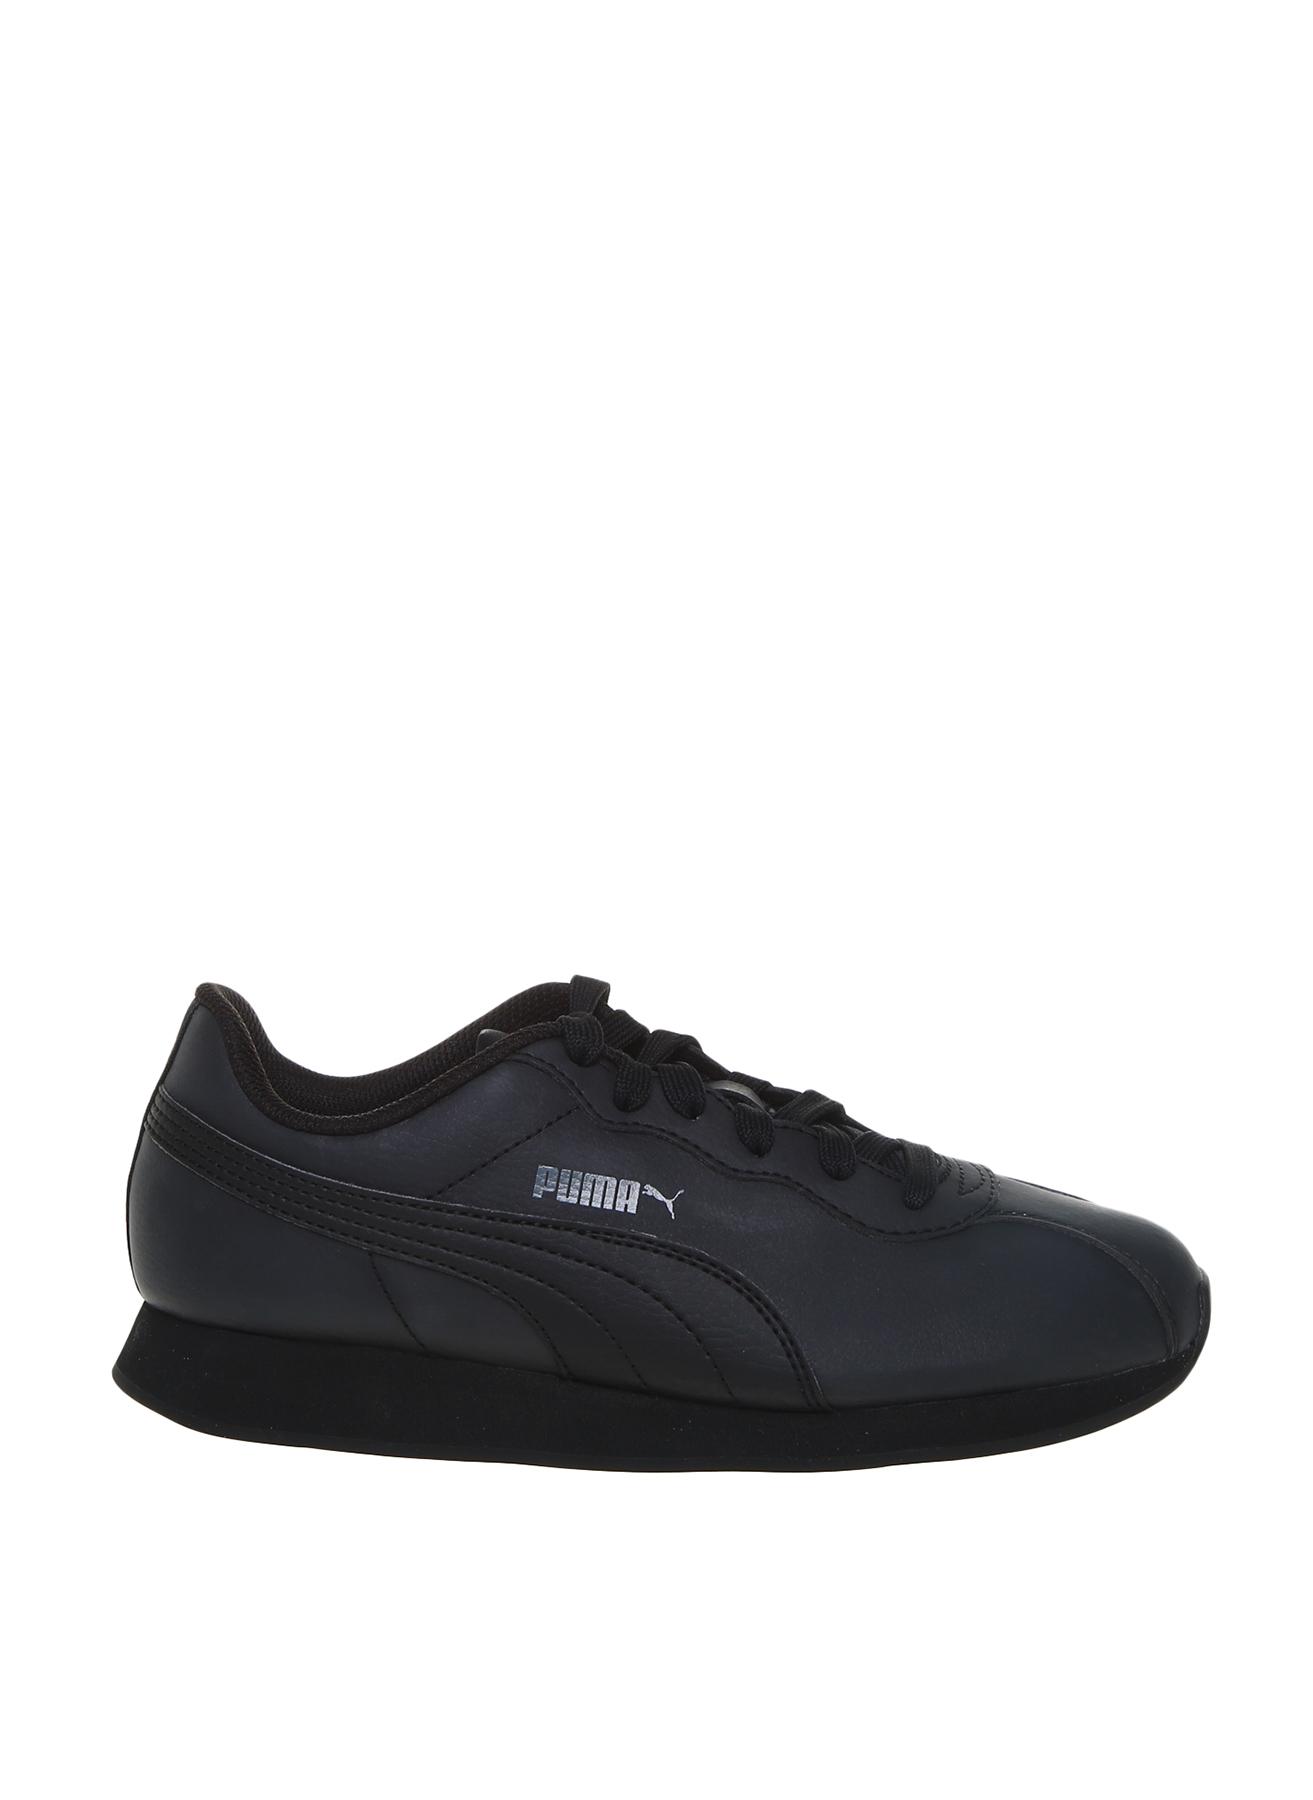 Puma Yürüyüş Ayakkabısı 39 5001697558007 Ürün Resmi